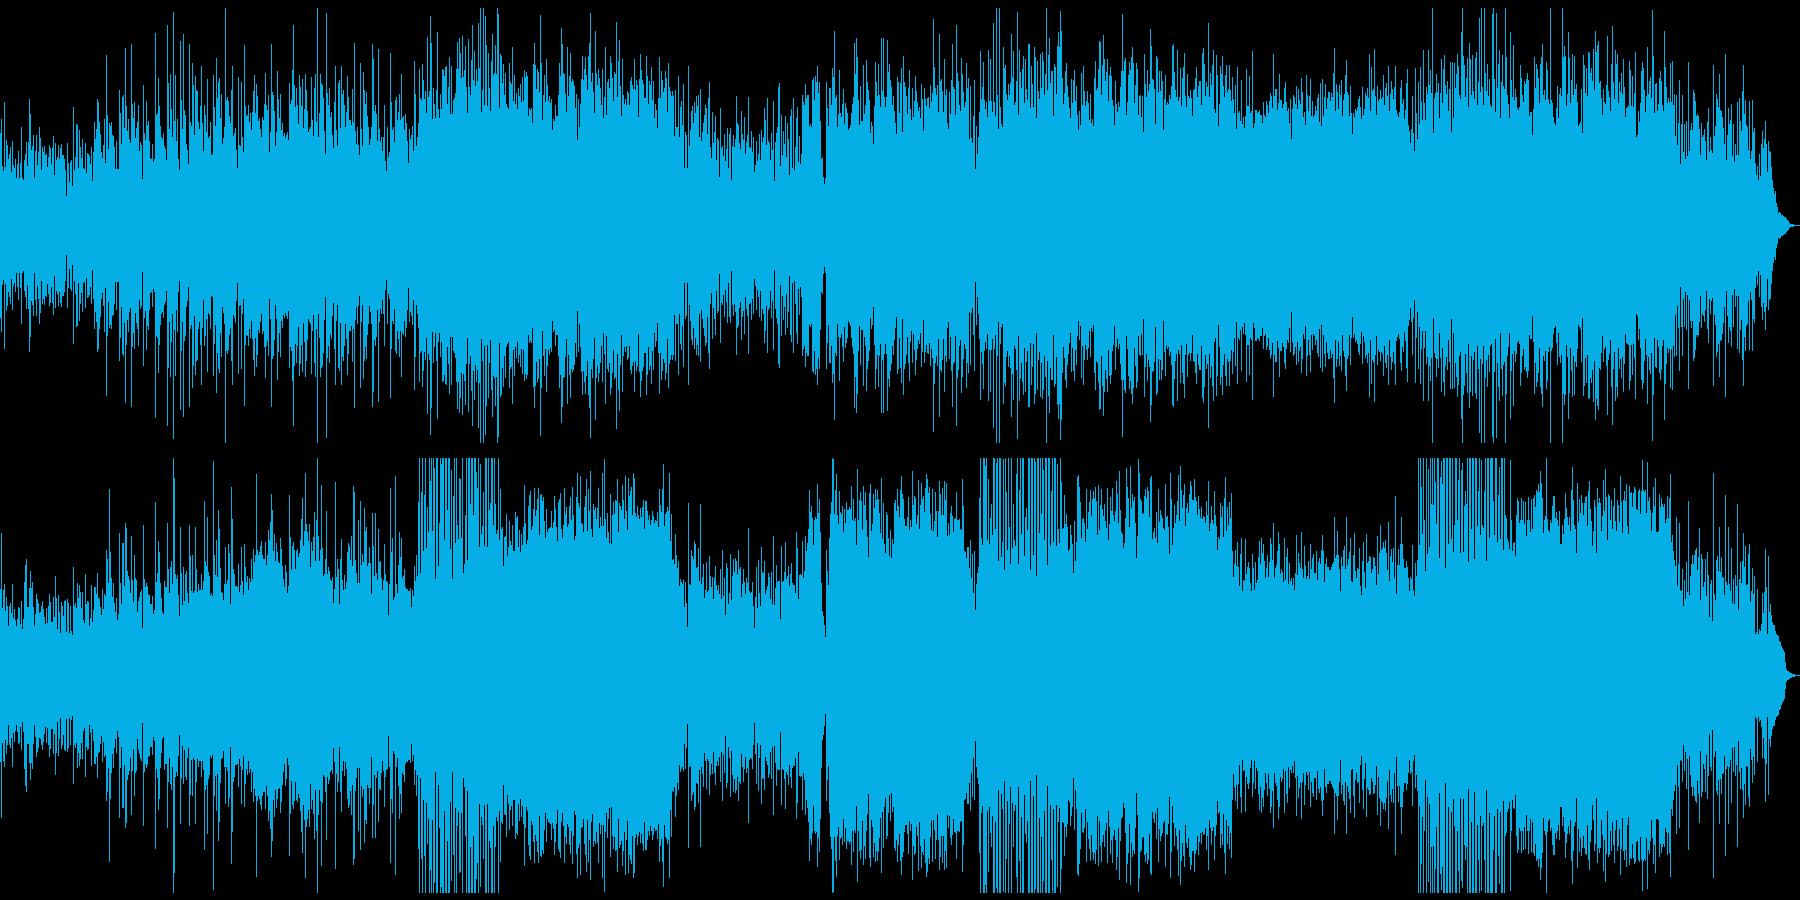 ノスタルジックなお洒落ジェットストリームの再生済みの波形